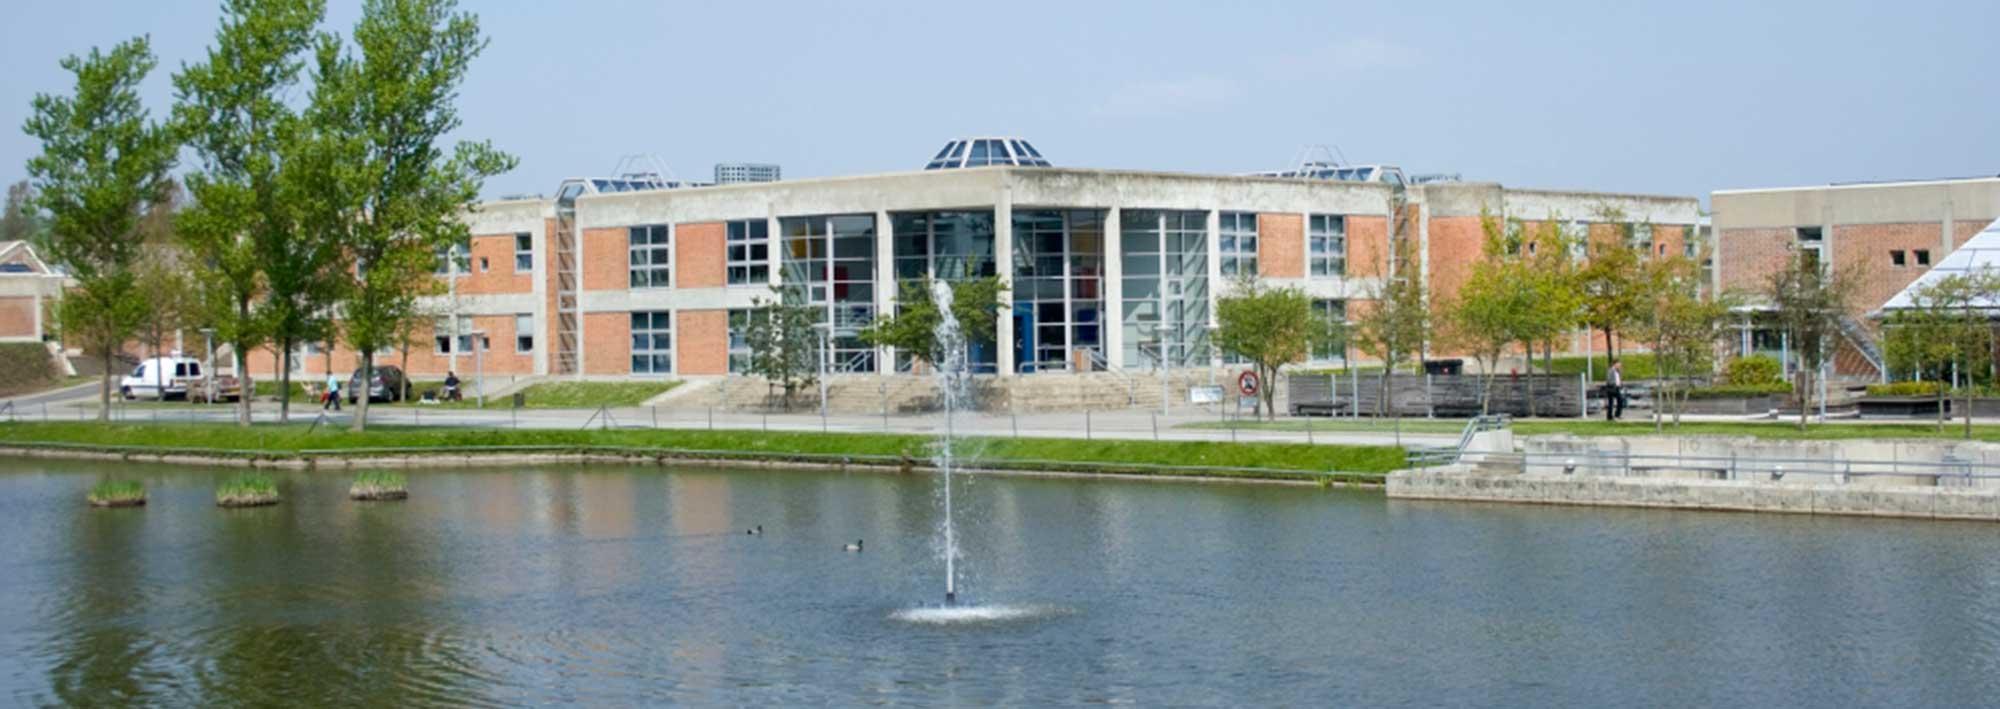 AAU is the best European University for Engineering